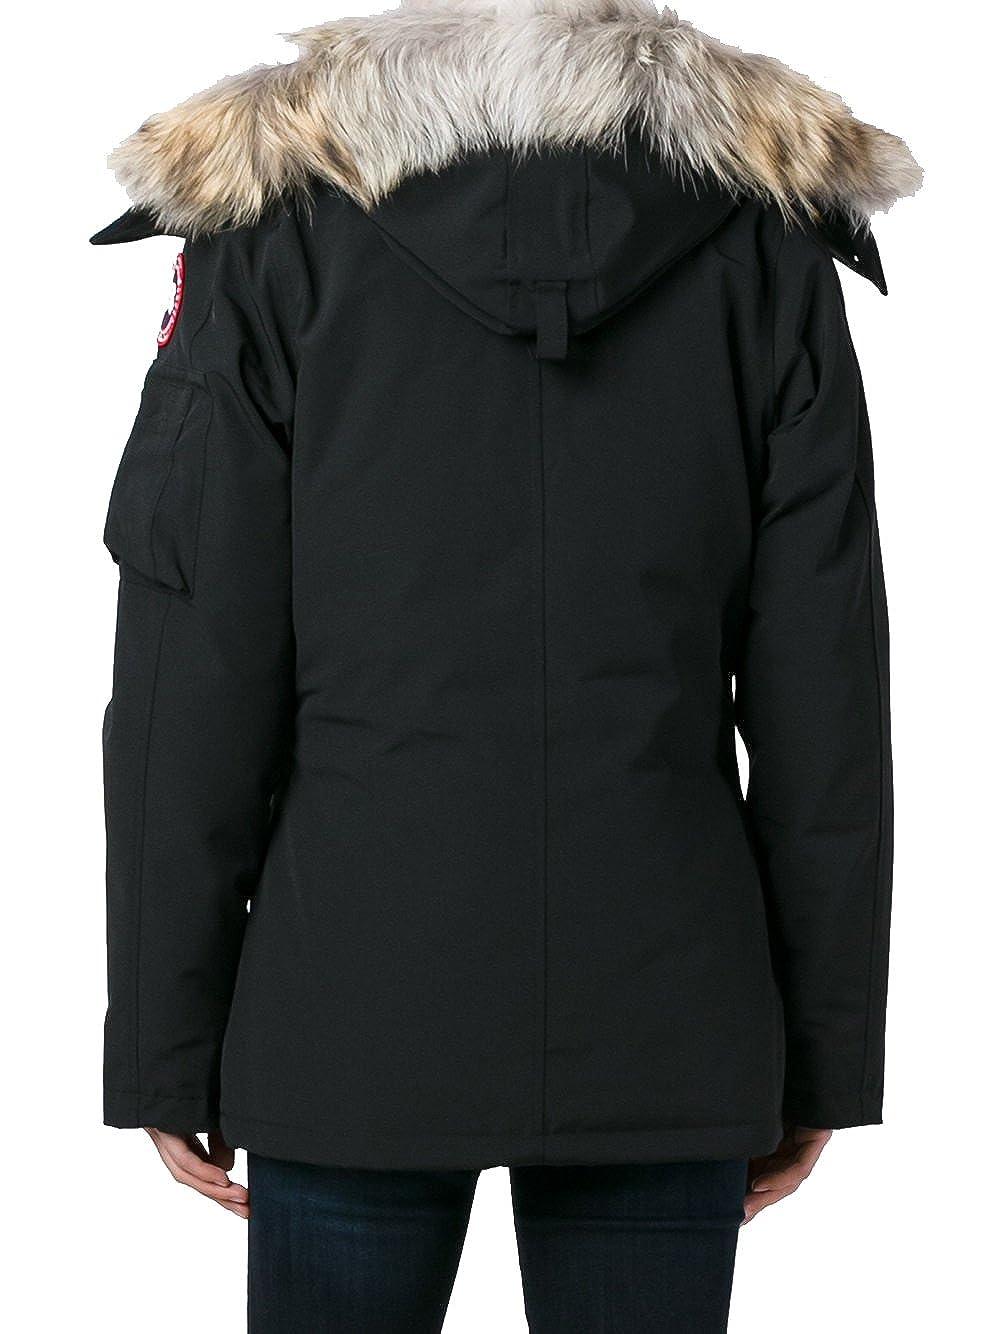 Canada Goose - Abrigo - para Mujer Negro Negro: Amazon.es: Ropa y accesorios